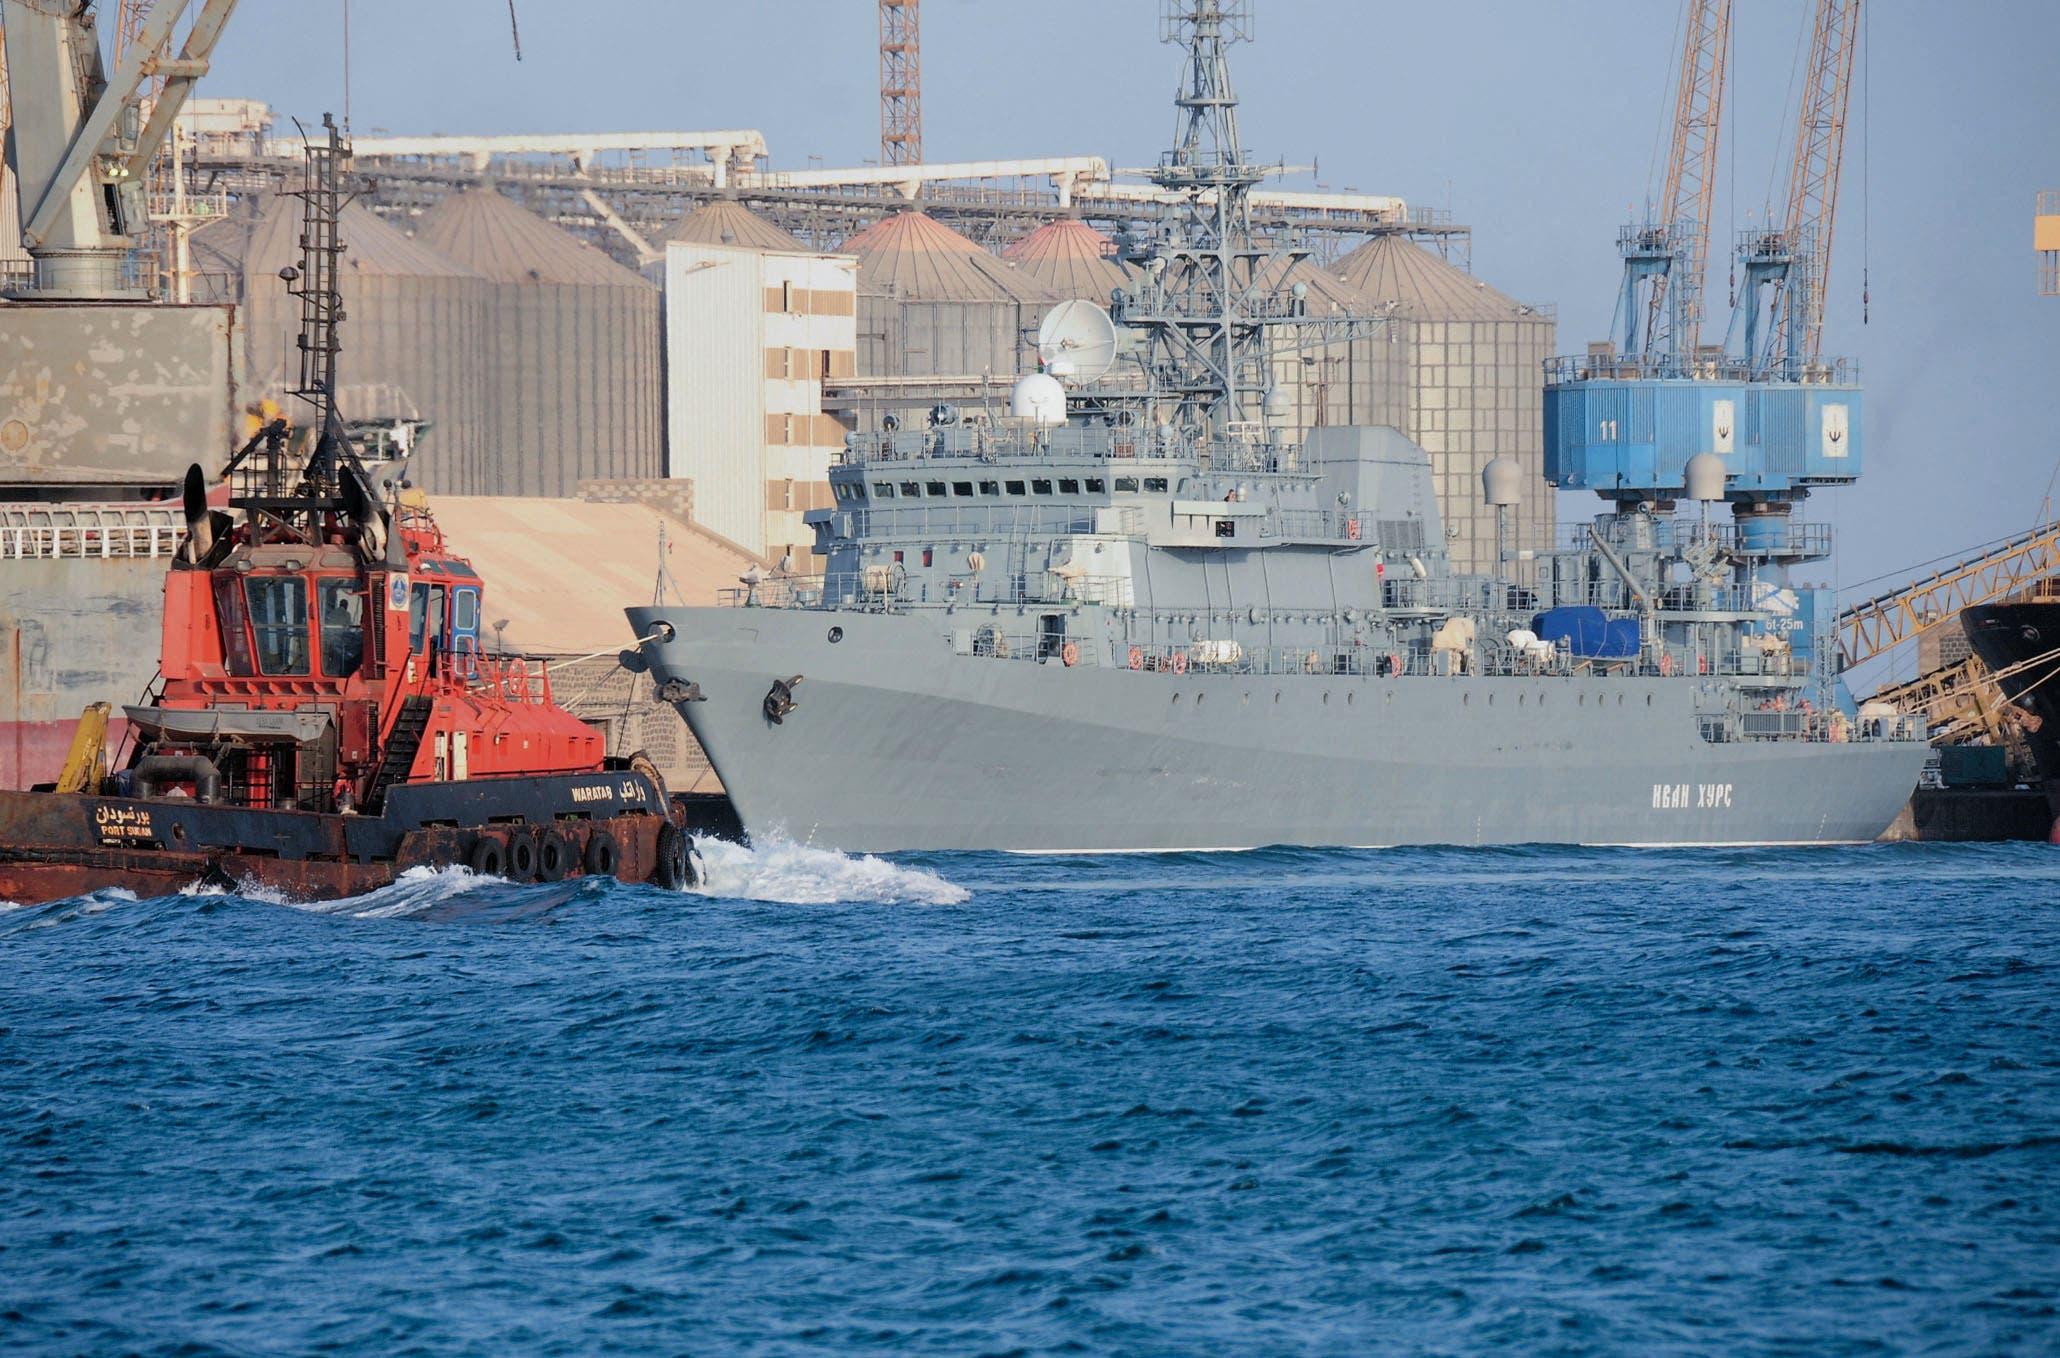 سفينة حربية روسية في ميناء بورتسودان في ابريل الحالي